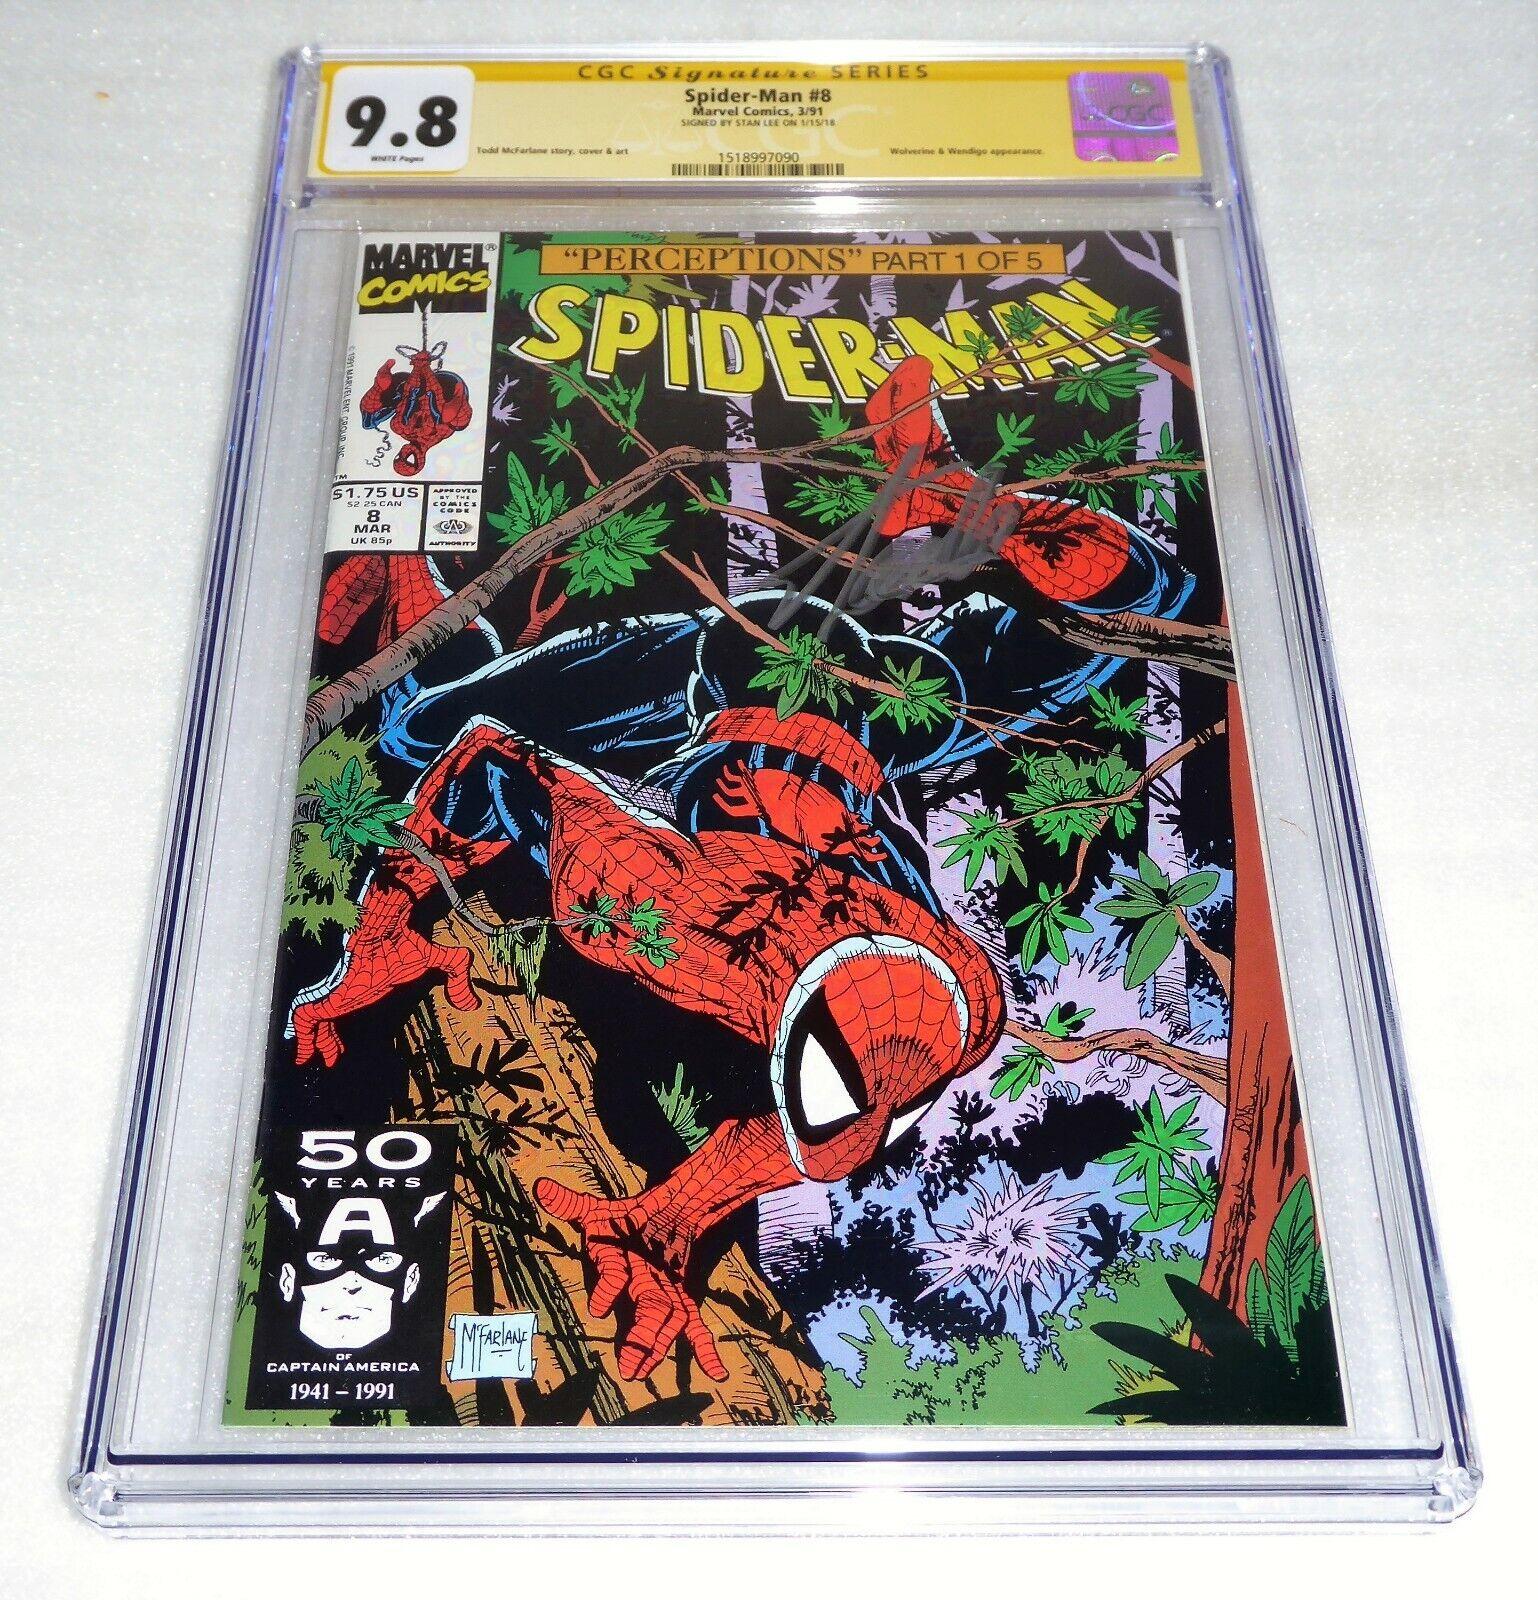 Spider-Man #8 CGC SS 9.8 Signature Autograph STAN LEE Wolverine & Wendigo Battle